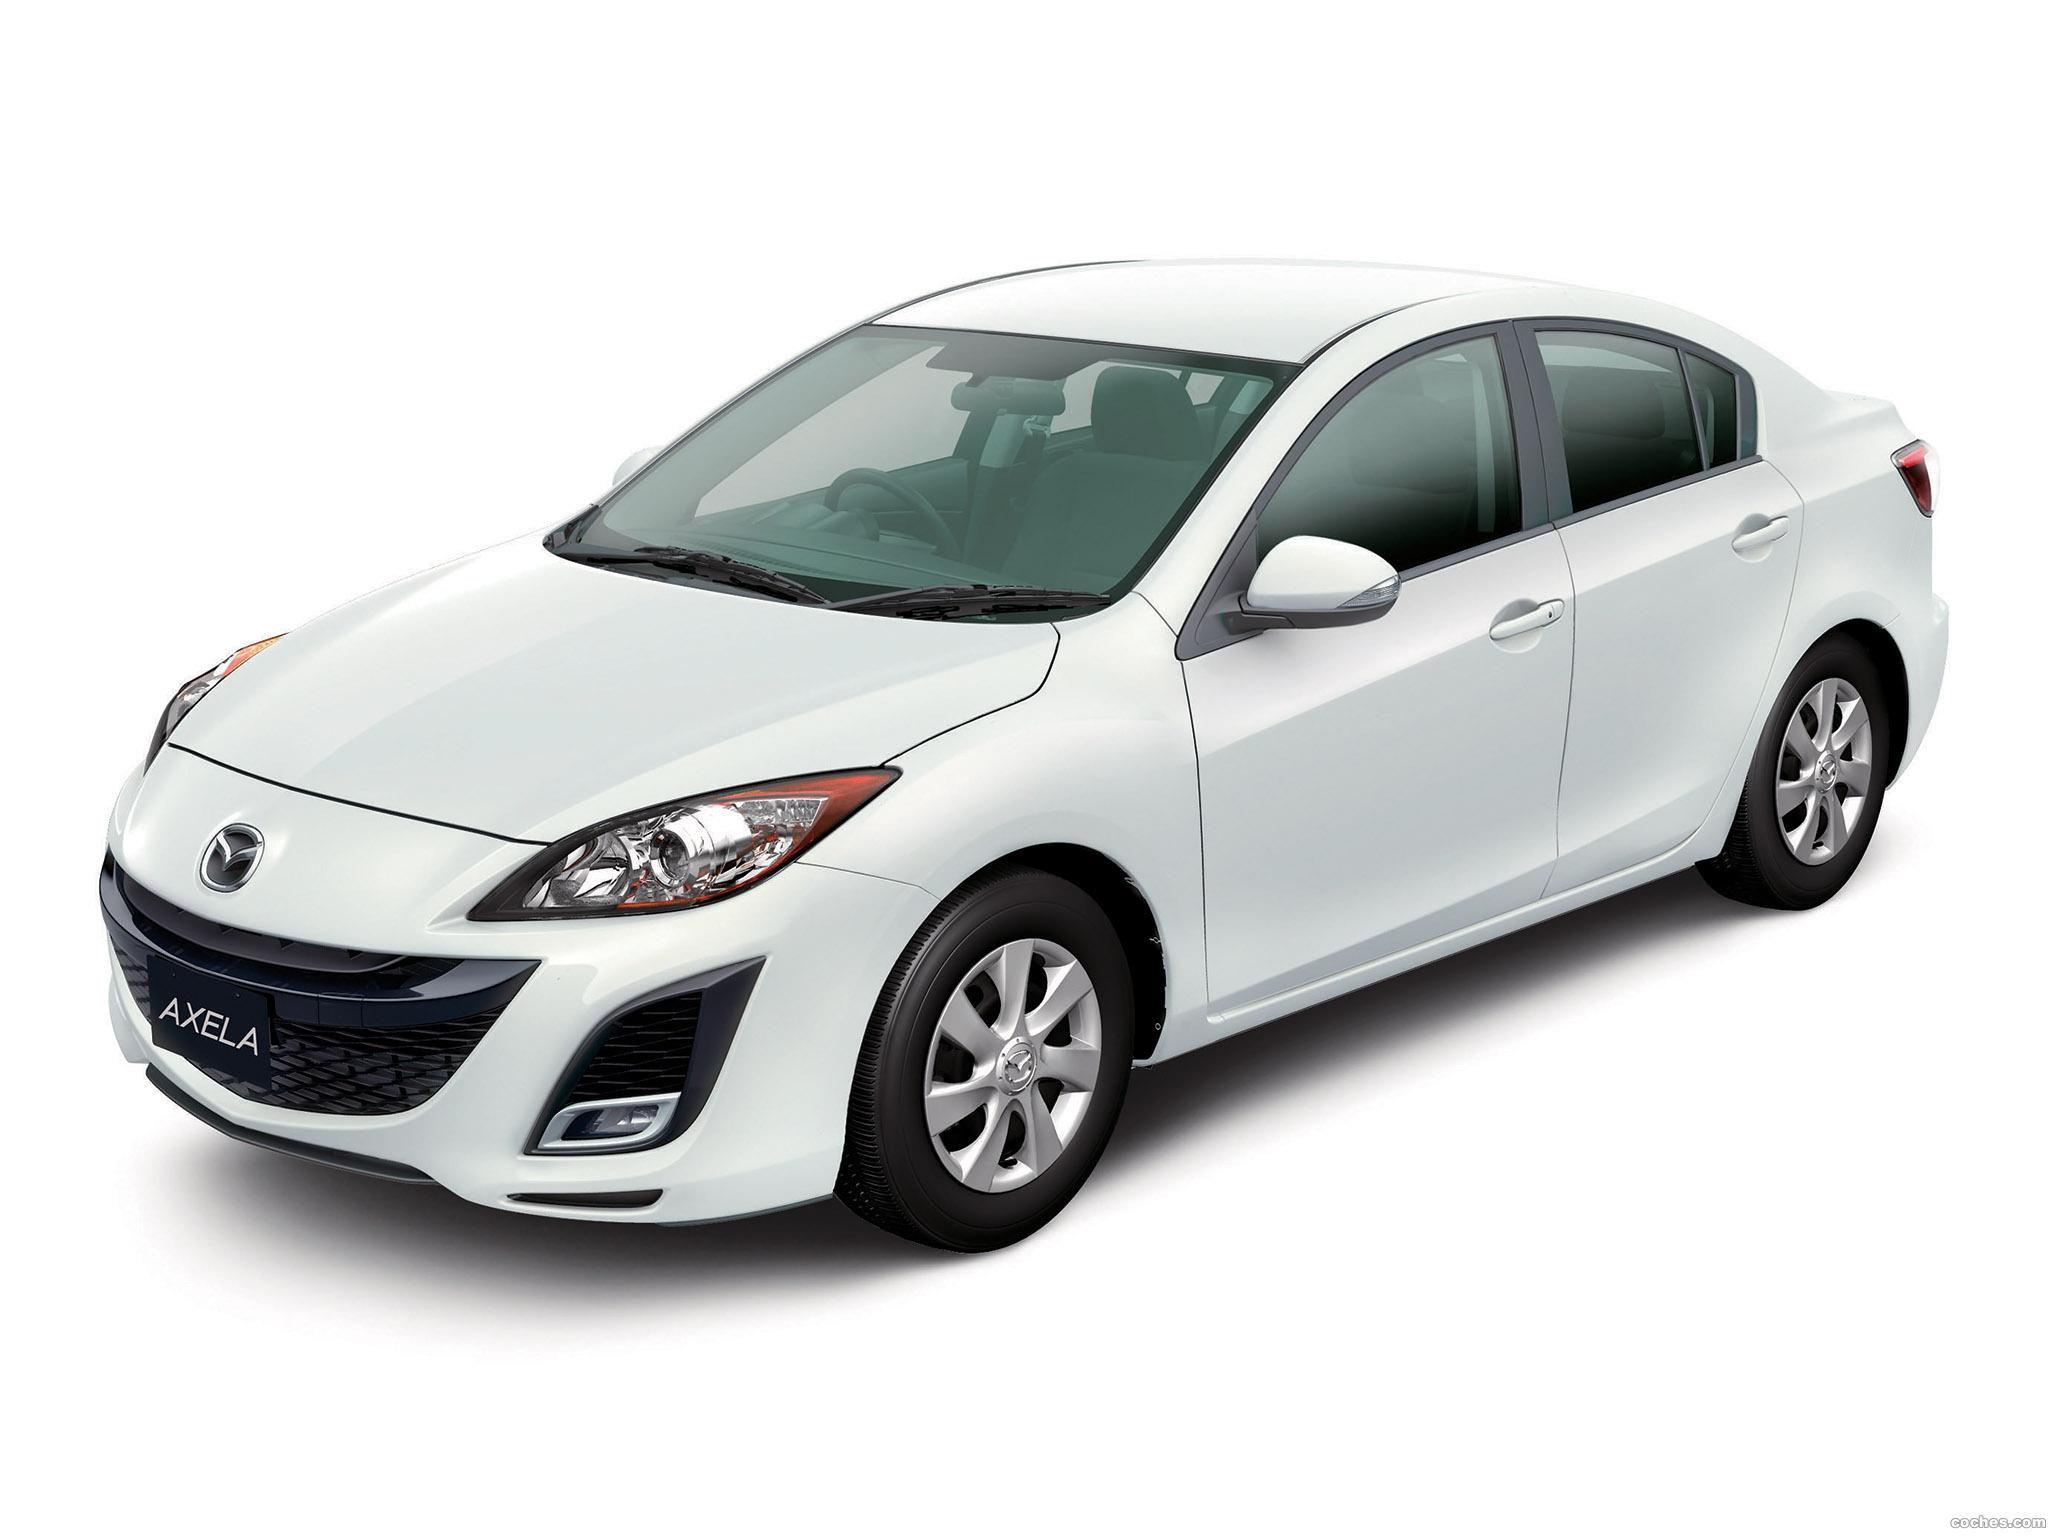 Foto 0 de Mazda Axela Sedan 2009